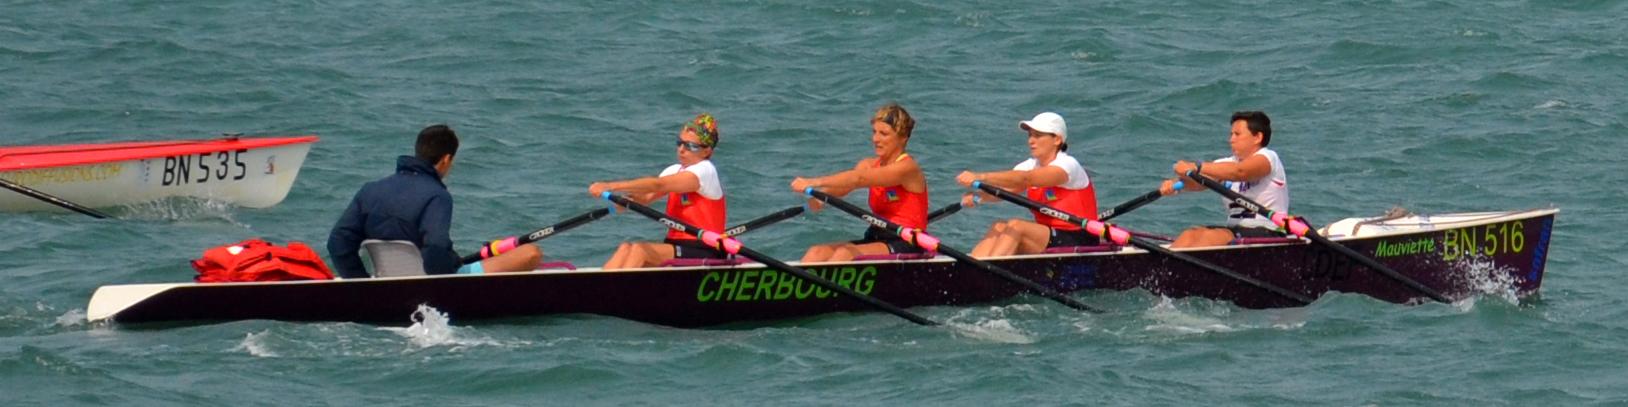 RABB2014, départ de la compétition féminine du samedi 13.09.2014